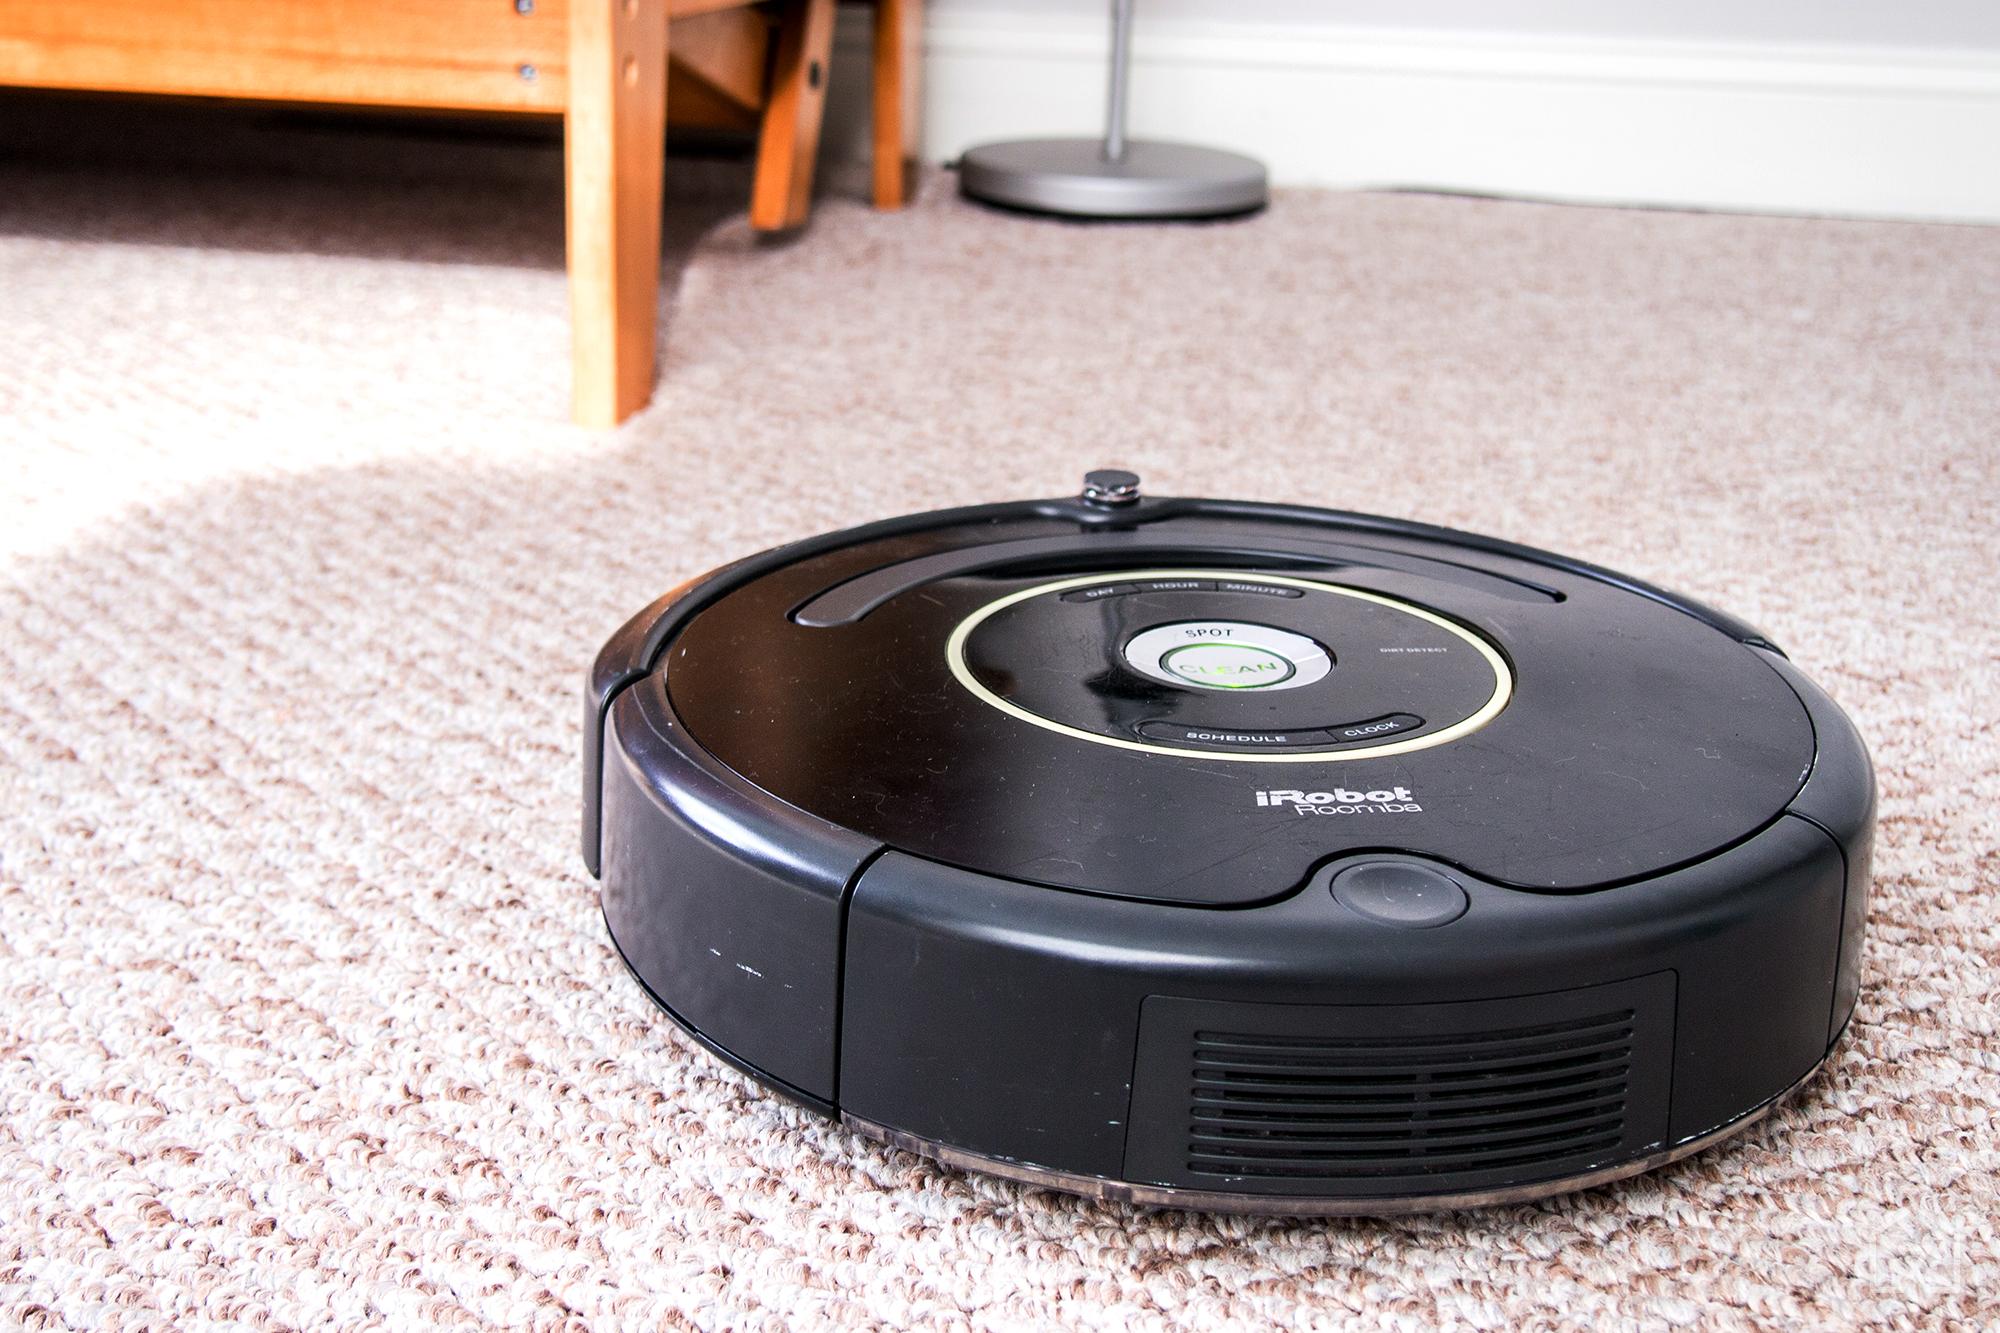 The Best Robot Vacuum